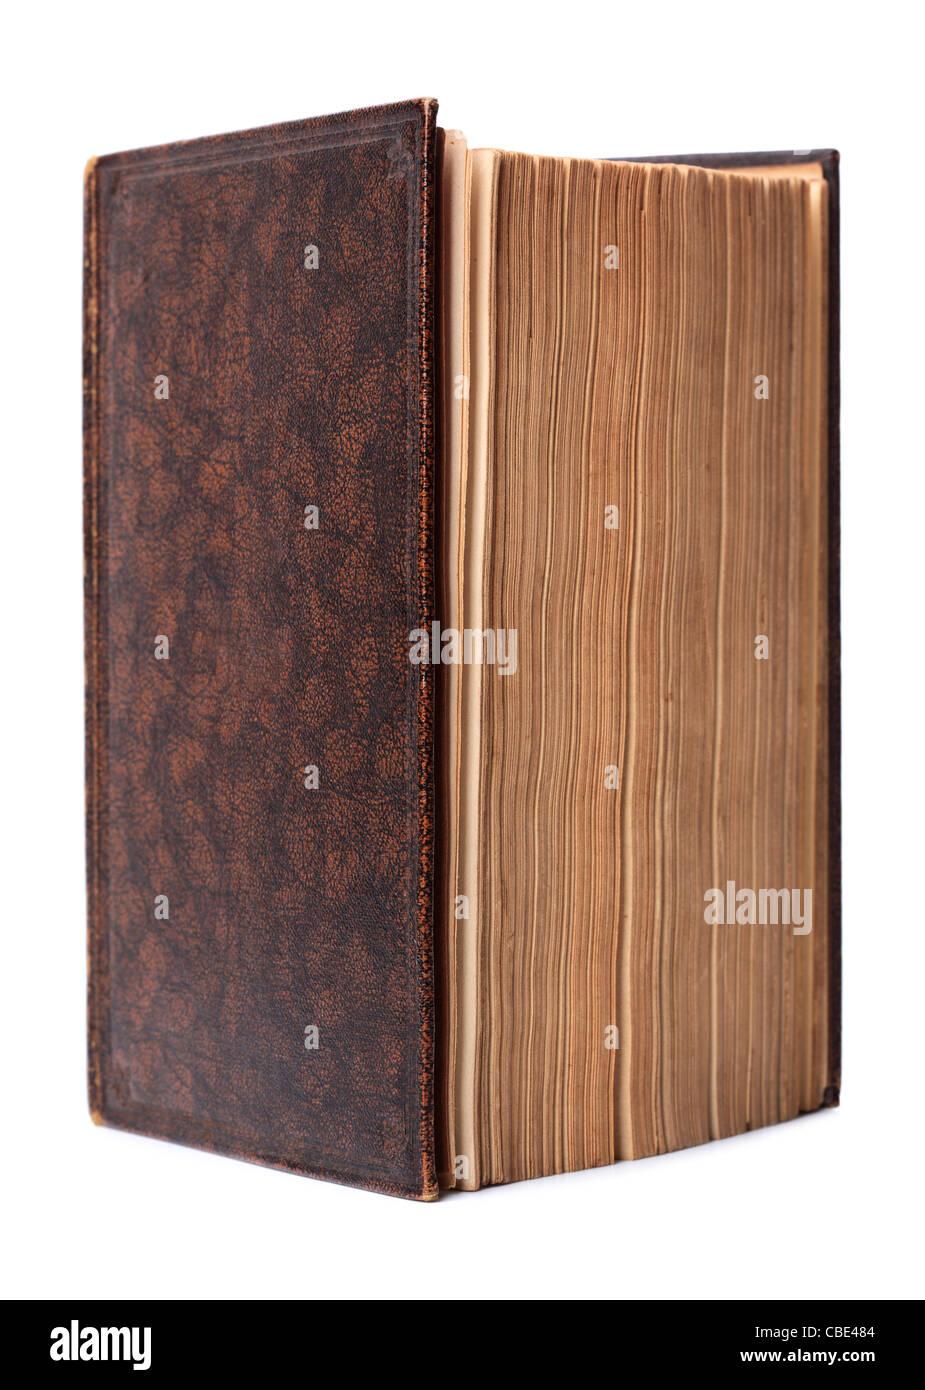 Libro de tapa dura marrón antiguos aislados Imagen De Stock